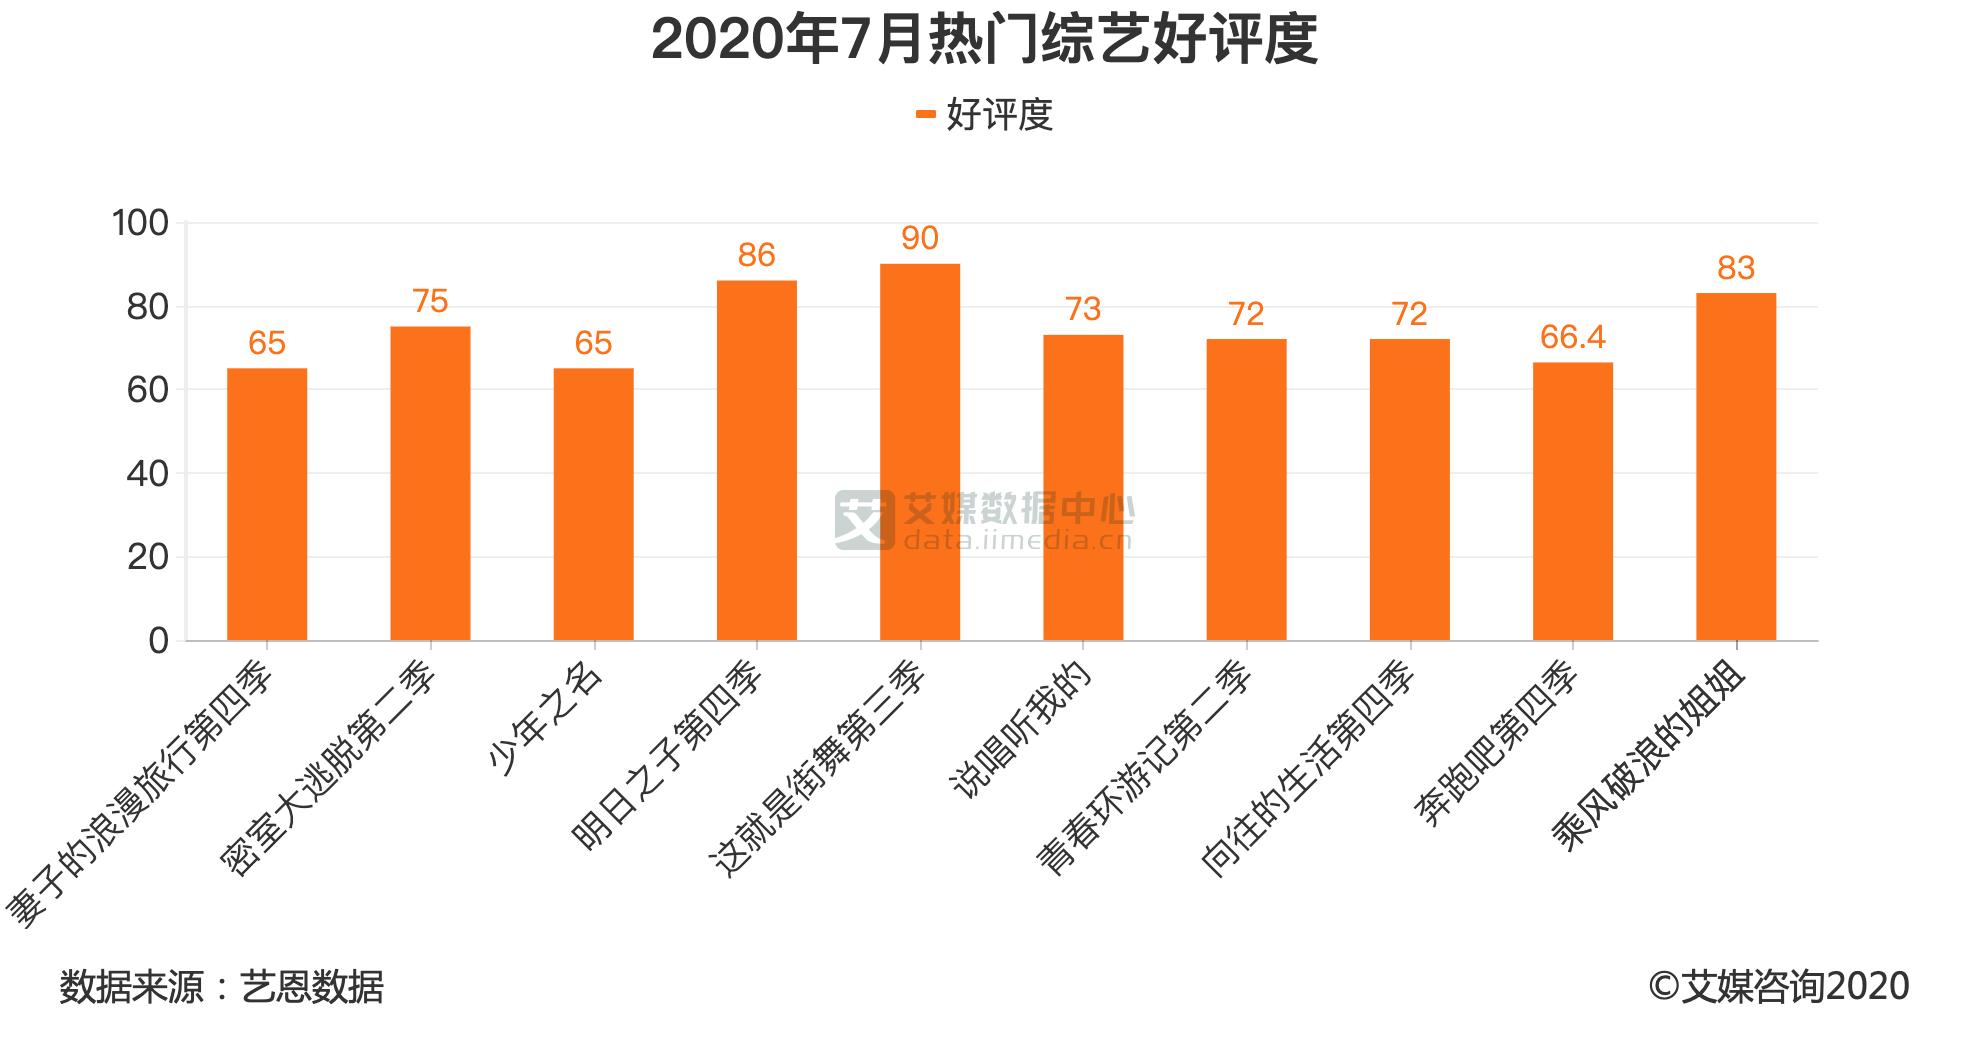 2020年7月热门综艺好评度